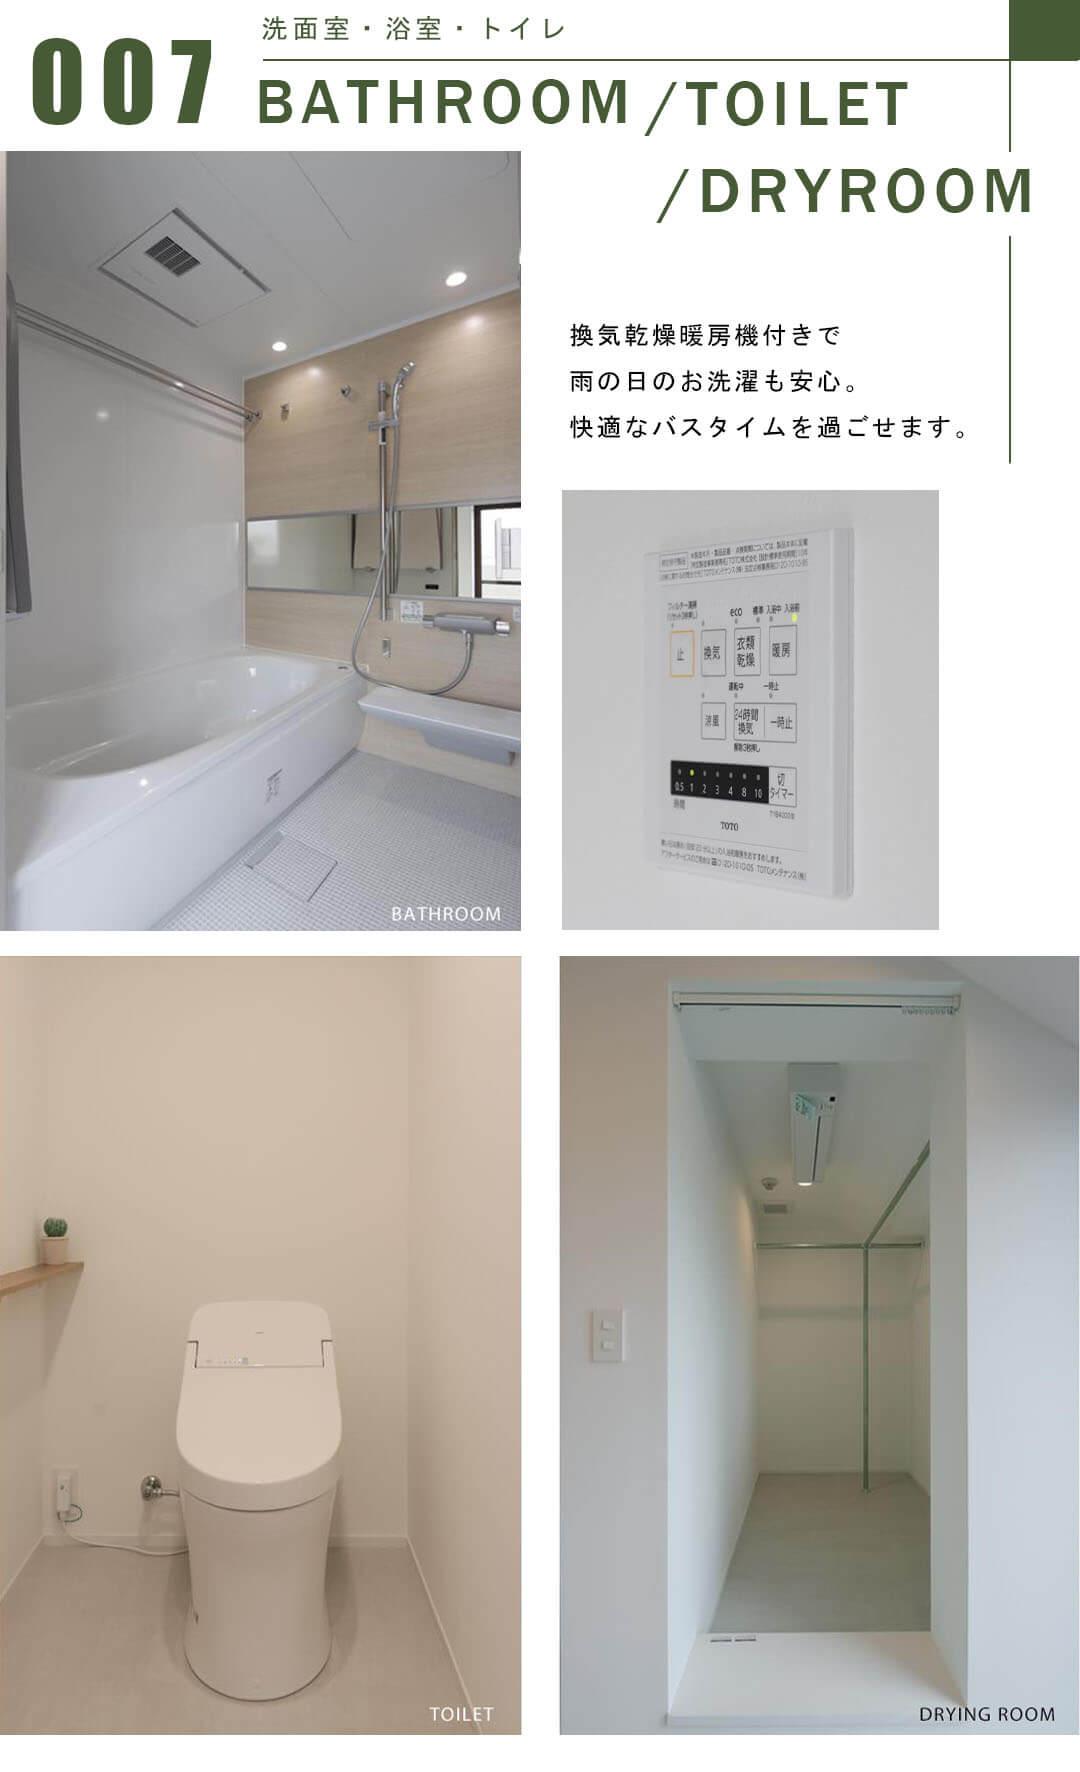 ヴェルデ山王の浴室とトイレとドライルーム